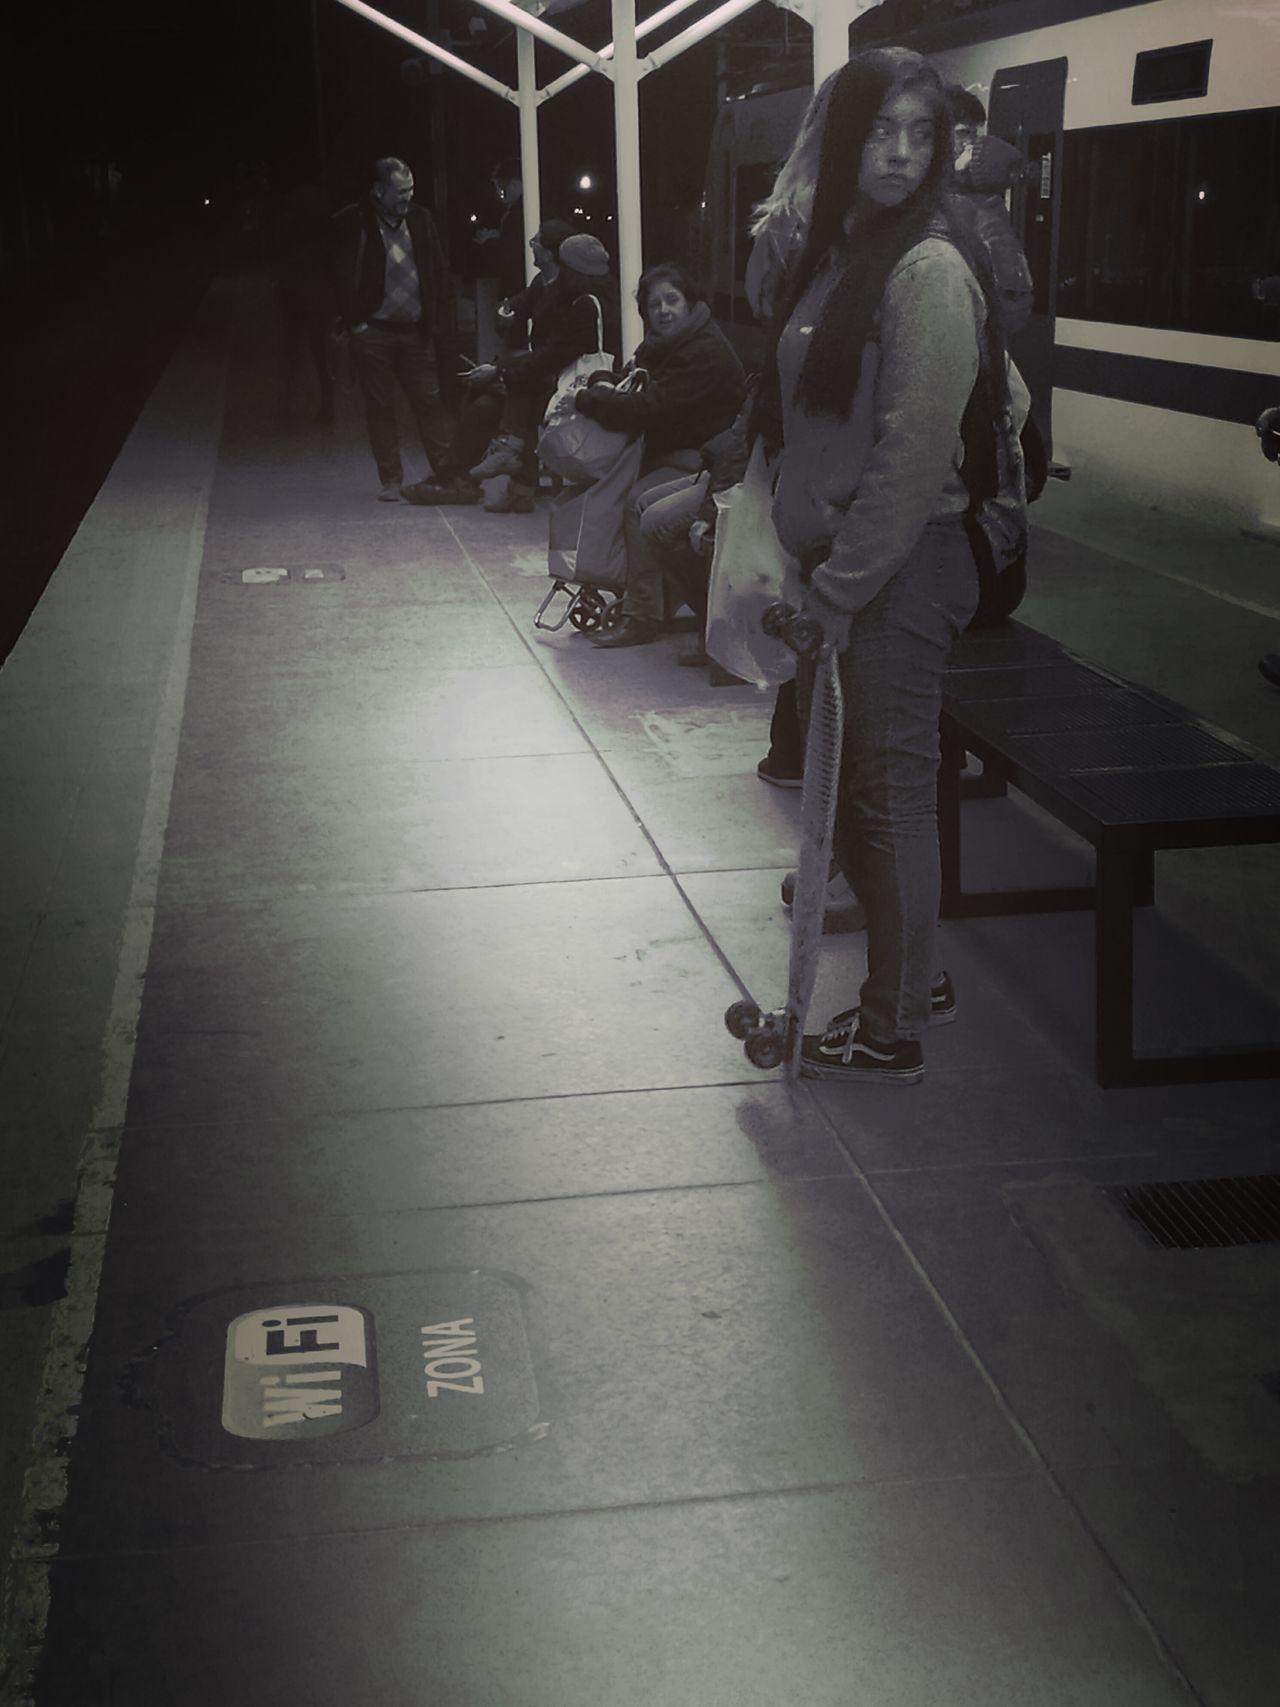 Nightphotography Skatelife Waiting Mobilephotography Hating Public Transportation